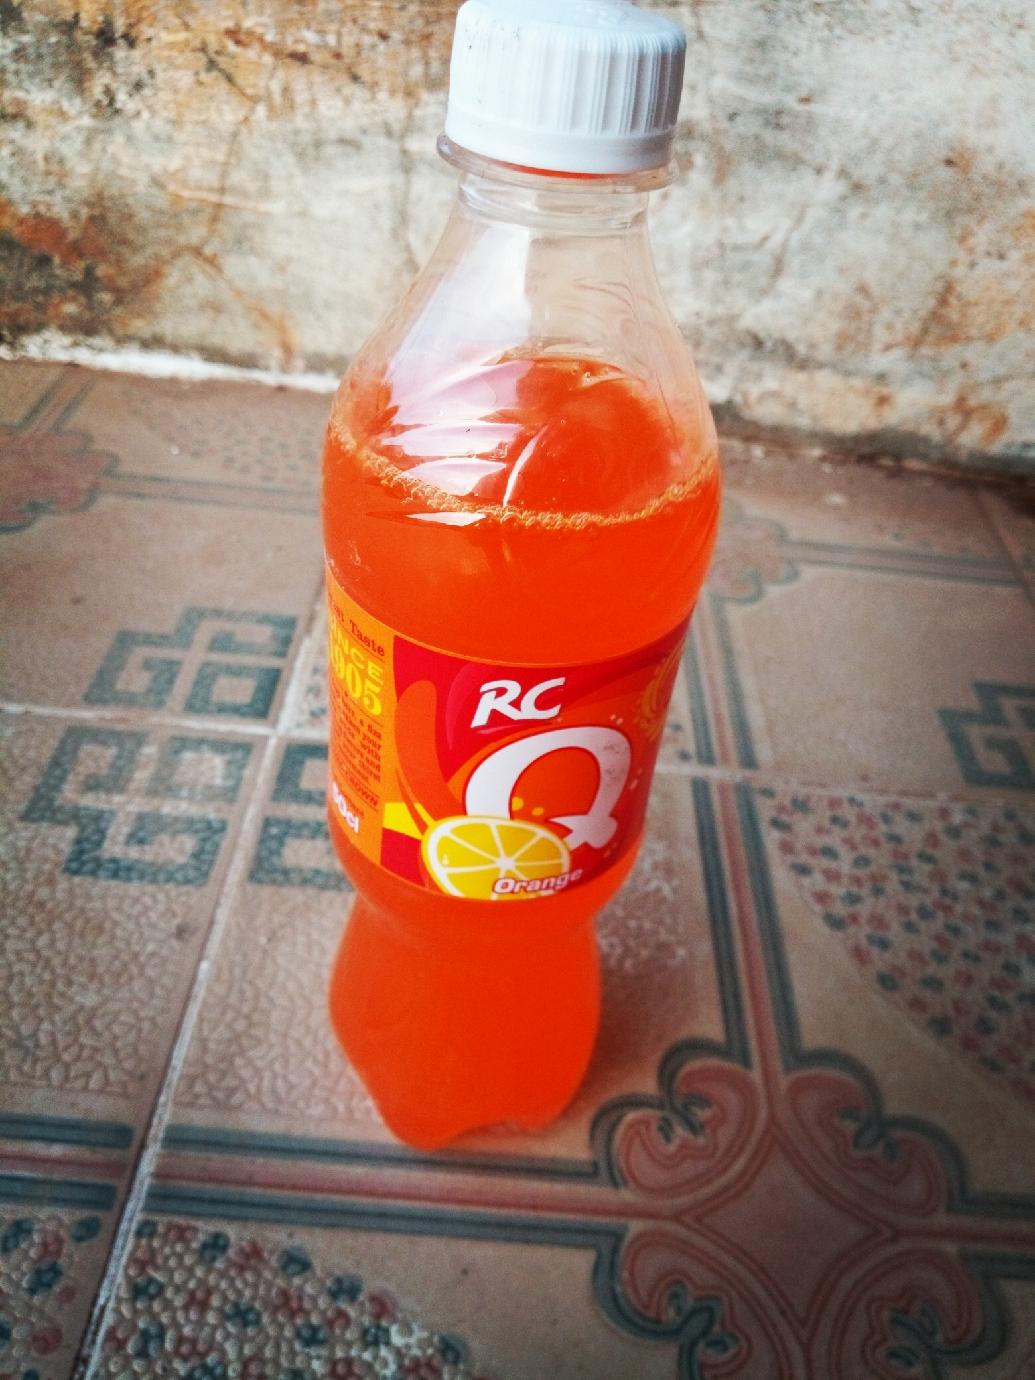 3. RC Orange flavor